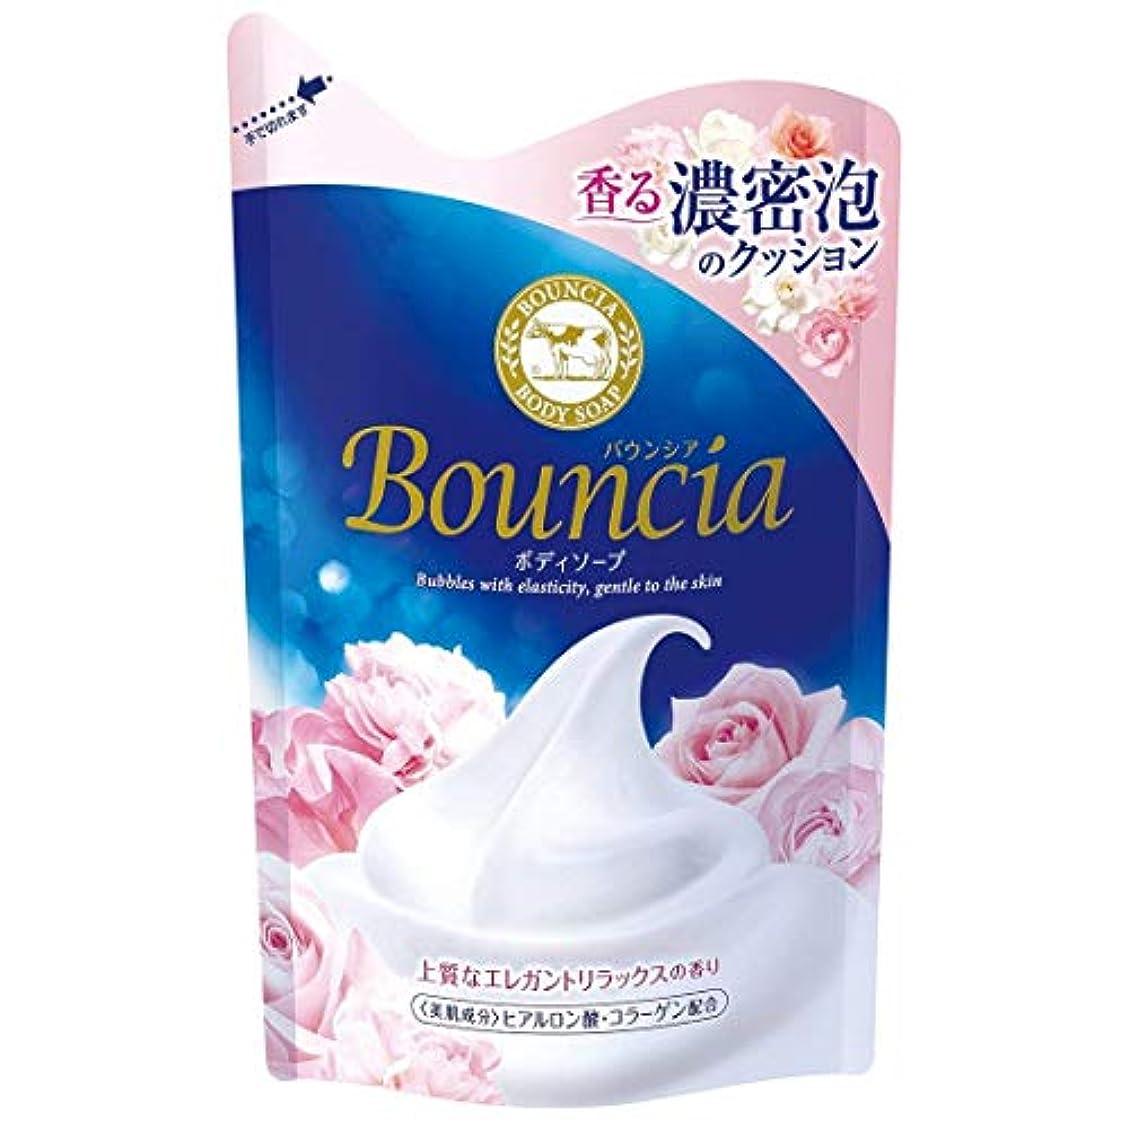 意志くしゃみ秋【まとめ買い】 バウンシア ボディソープ エレガントリラックスの香り つめかえ用 430ml × 3個